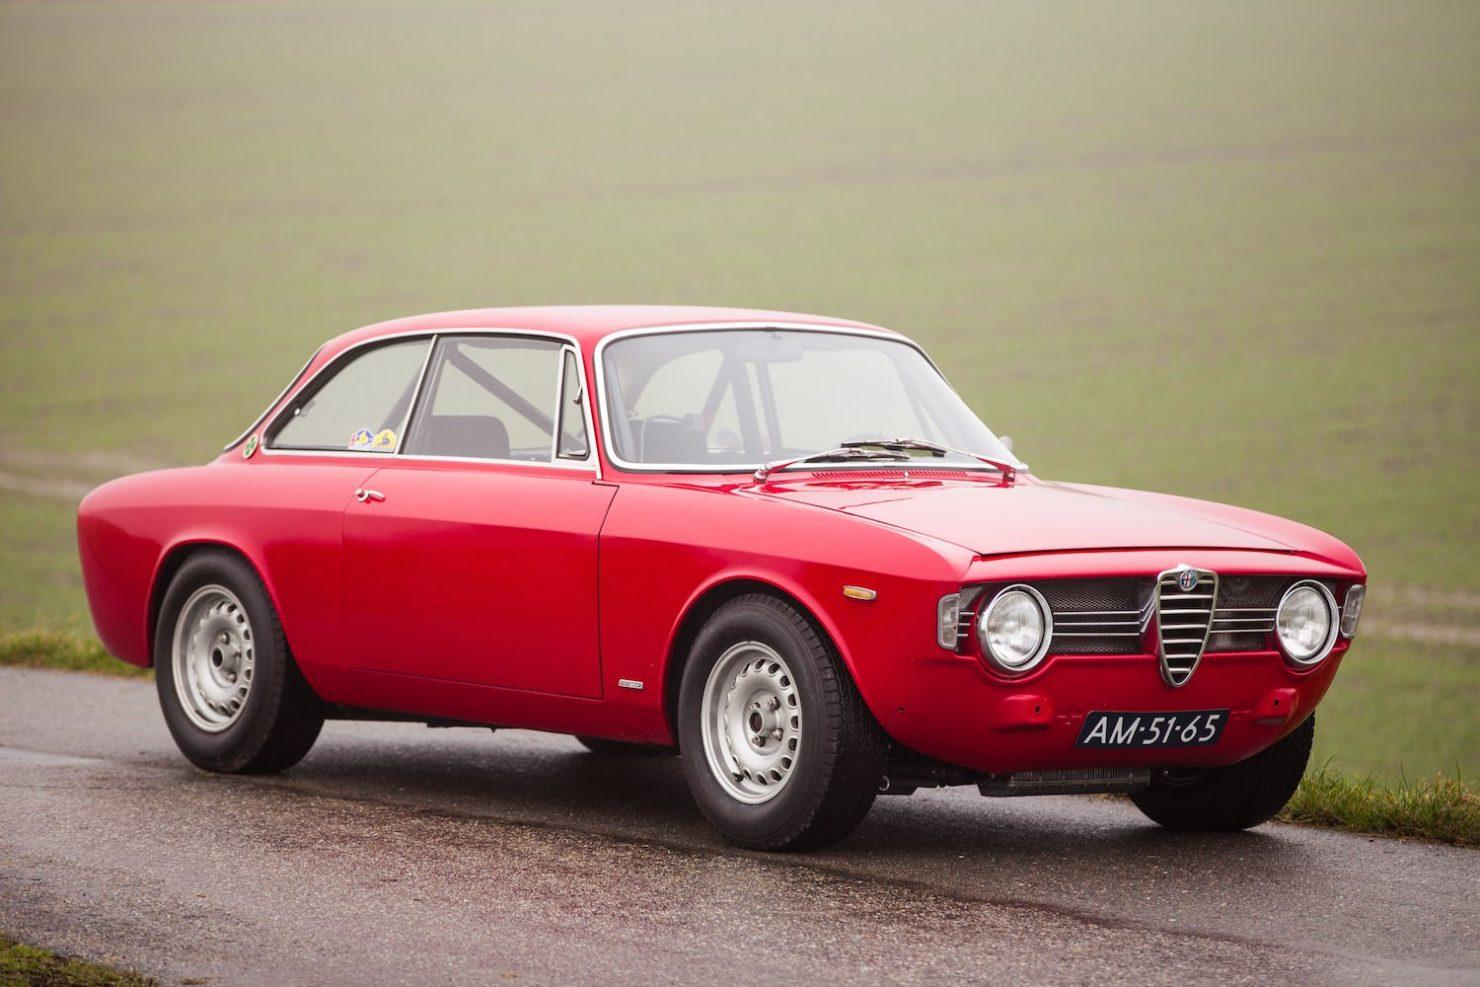 alfa romeo sprint gt veloce 8 1480x987 - 1967 Alfa Romeo Sprint GT Veloce